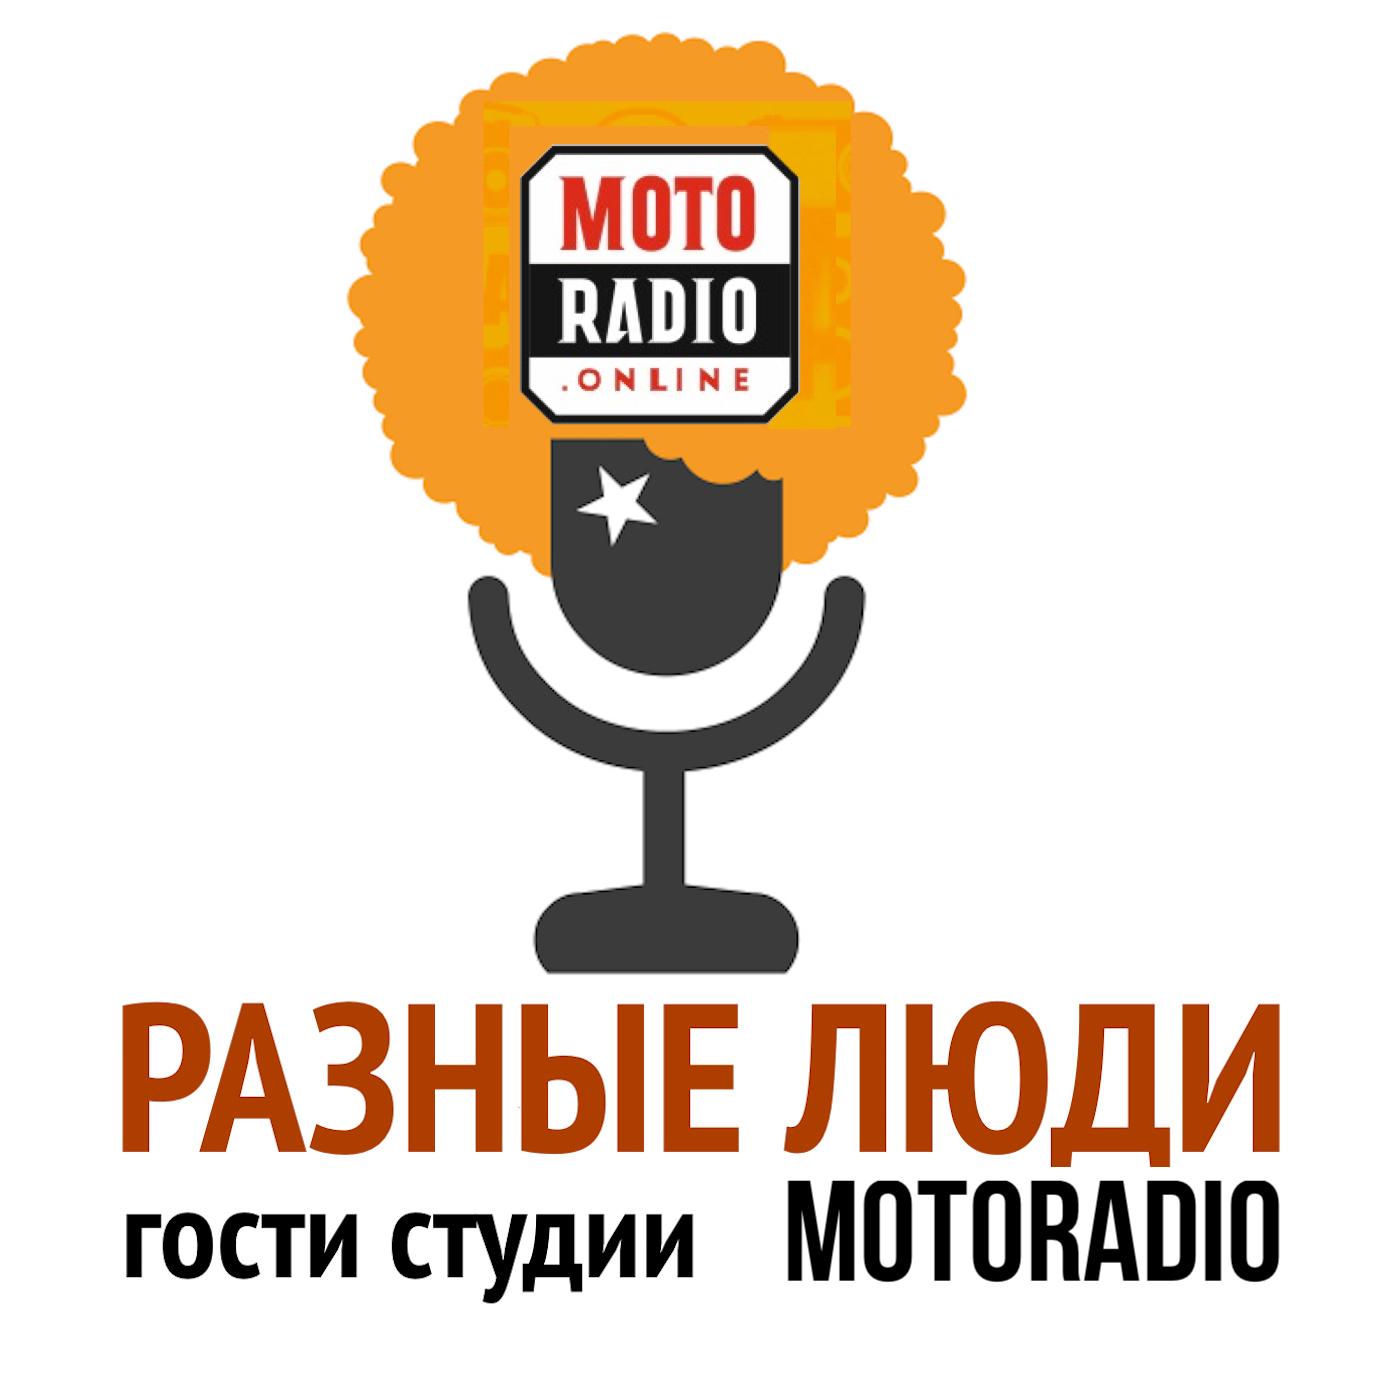 """Моторадио О предстоящем турнире """"Доблесть Веков"""" рассказывают организаторы"""